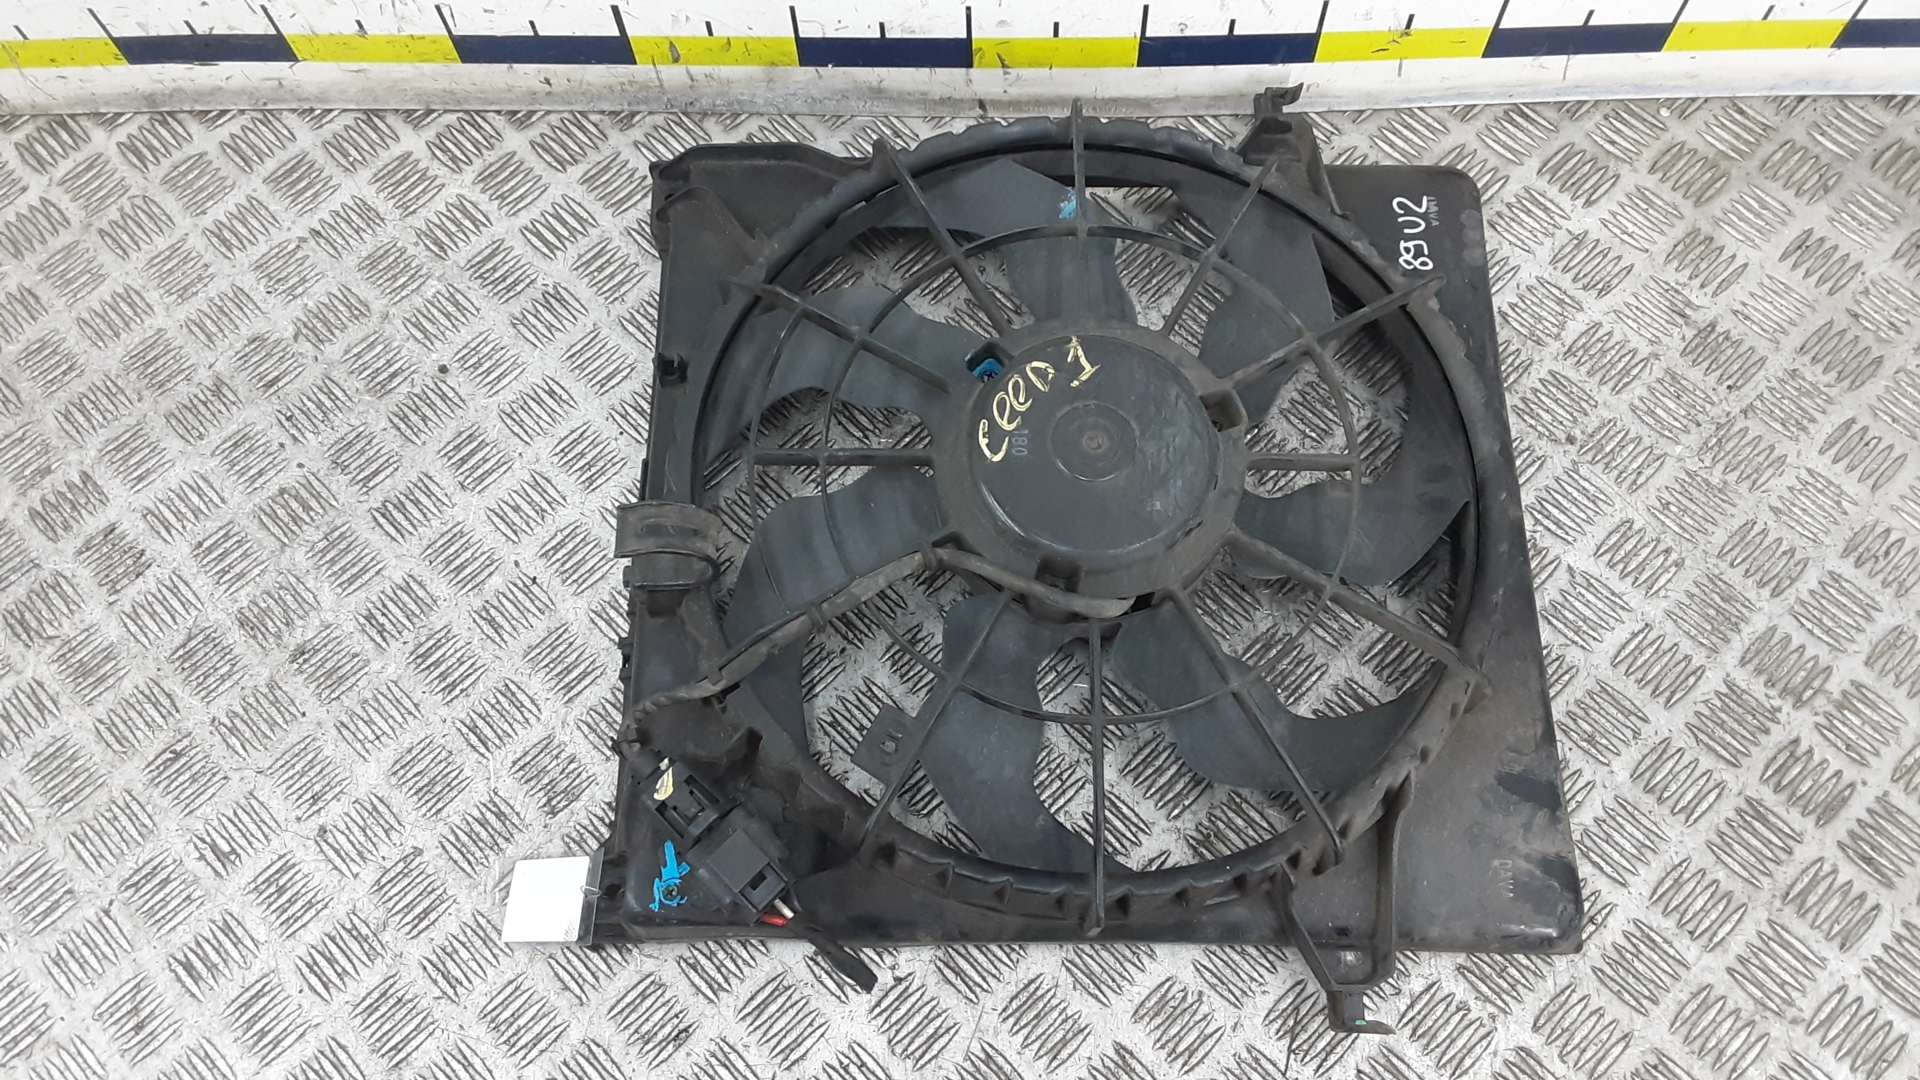 Вентилятор радиатора, KIA, CEE'D 1, 2008